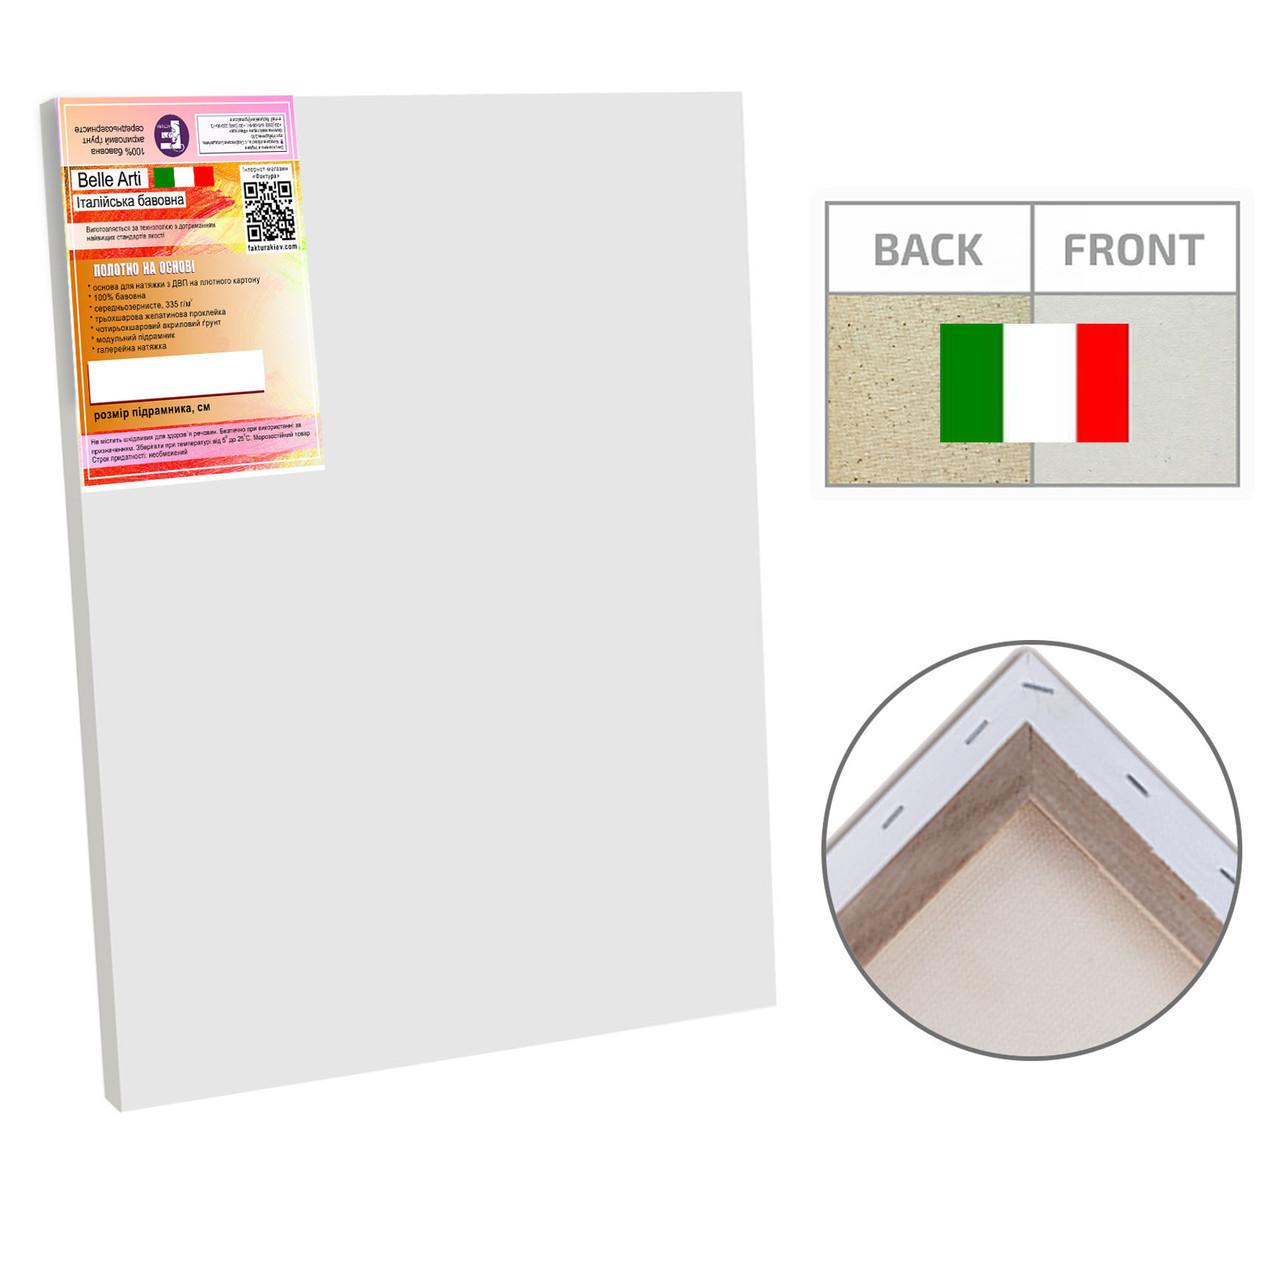 Холст на подрамнике Factura BelleArti 60х70 см Итальянский хлопок 285 грамм кв.м. среднее зерно белый